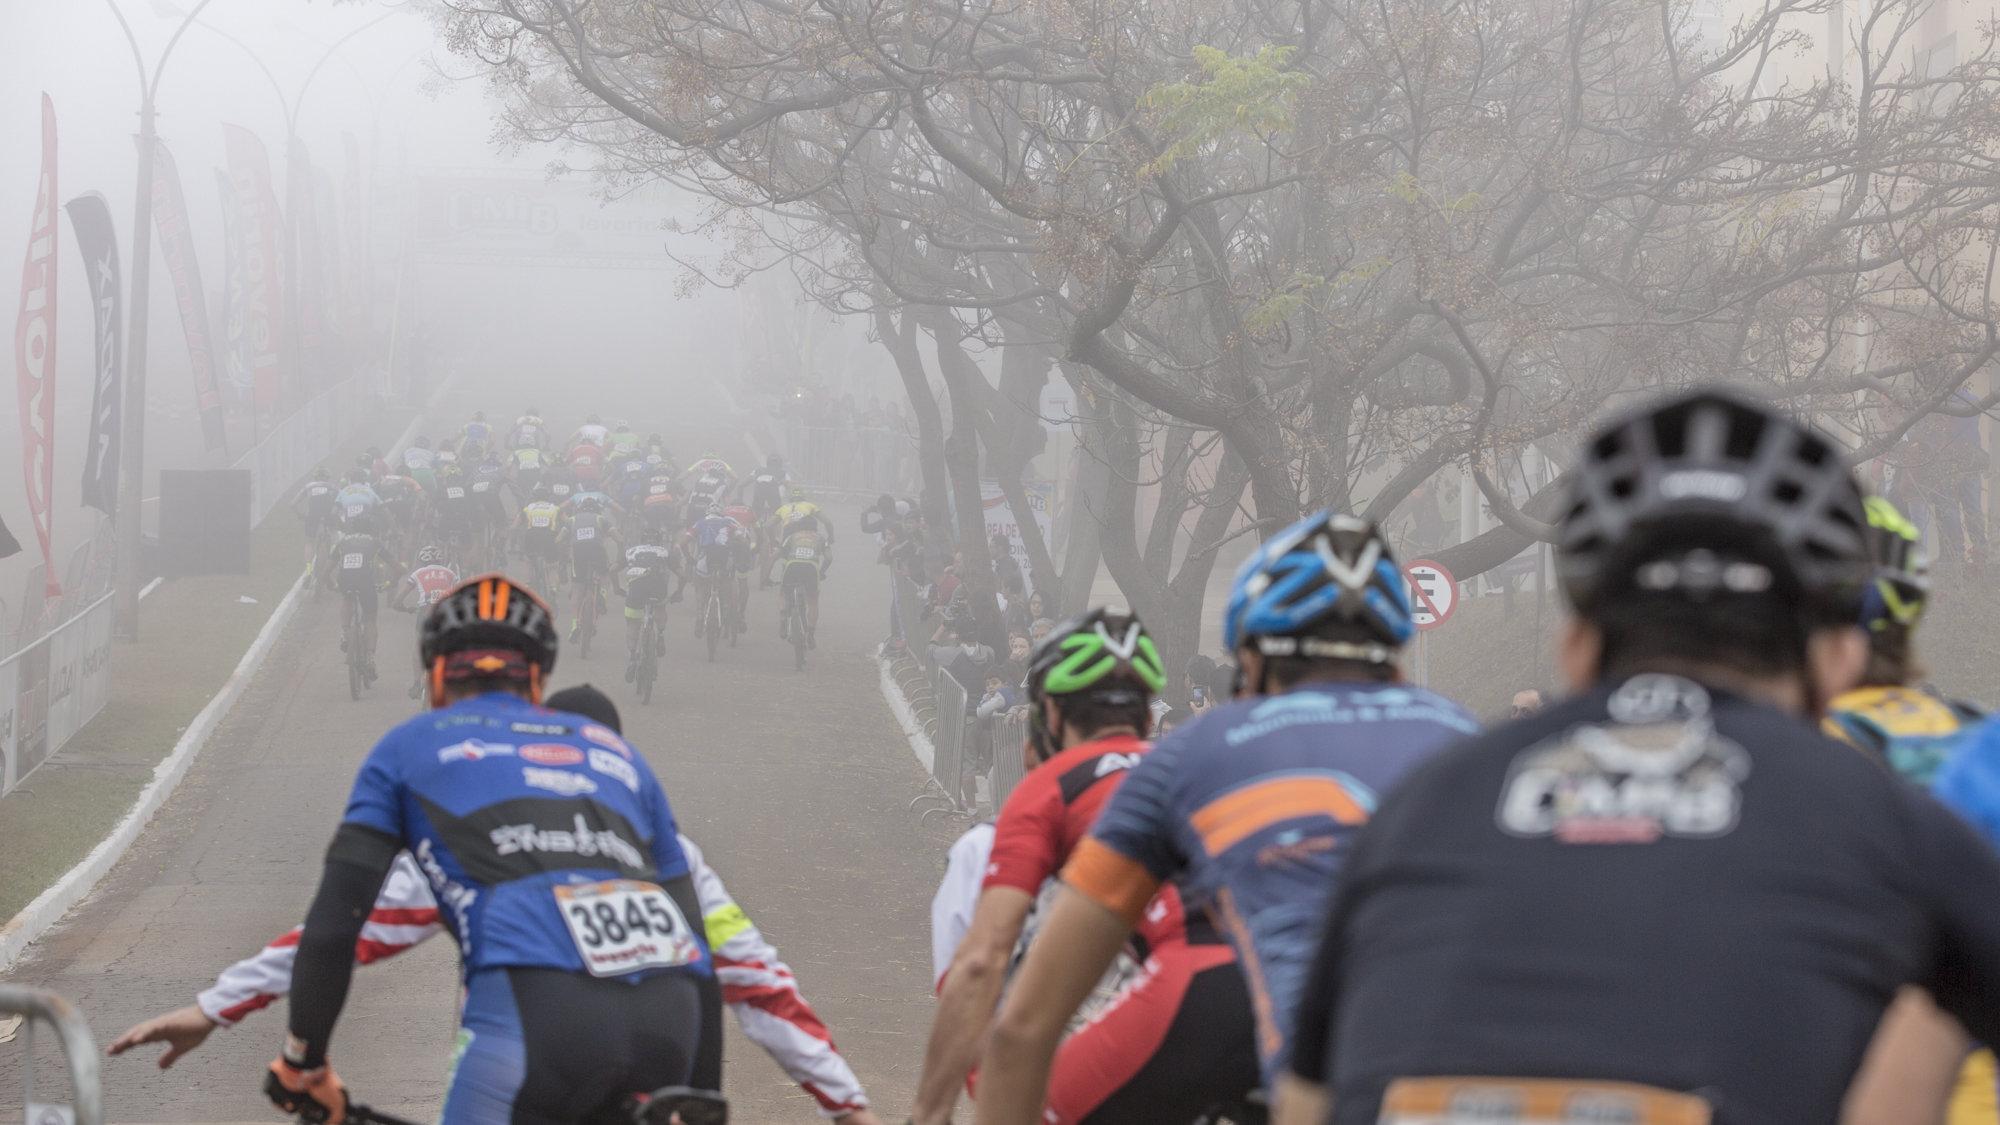 Debaixo das nuvens, atletas da Copa Sense Bike pedalam na CIMTB Levorin em Ouro Preto